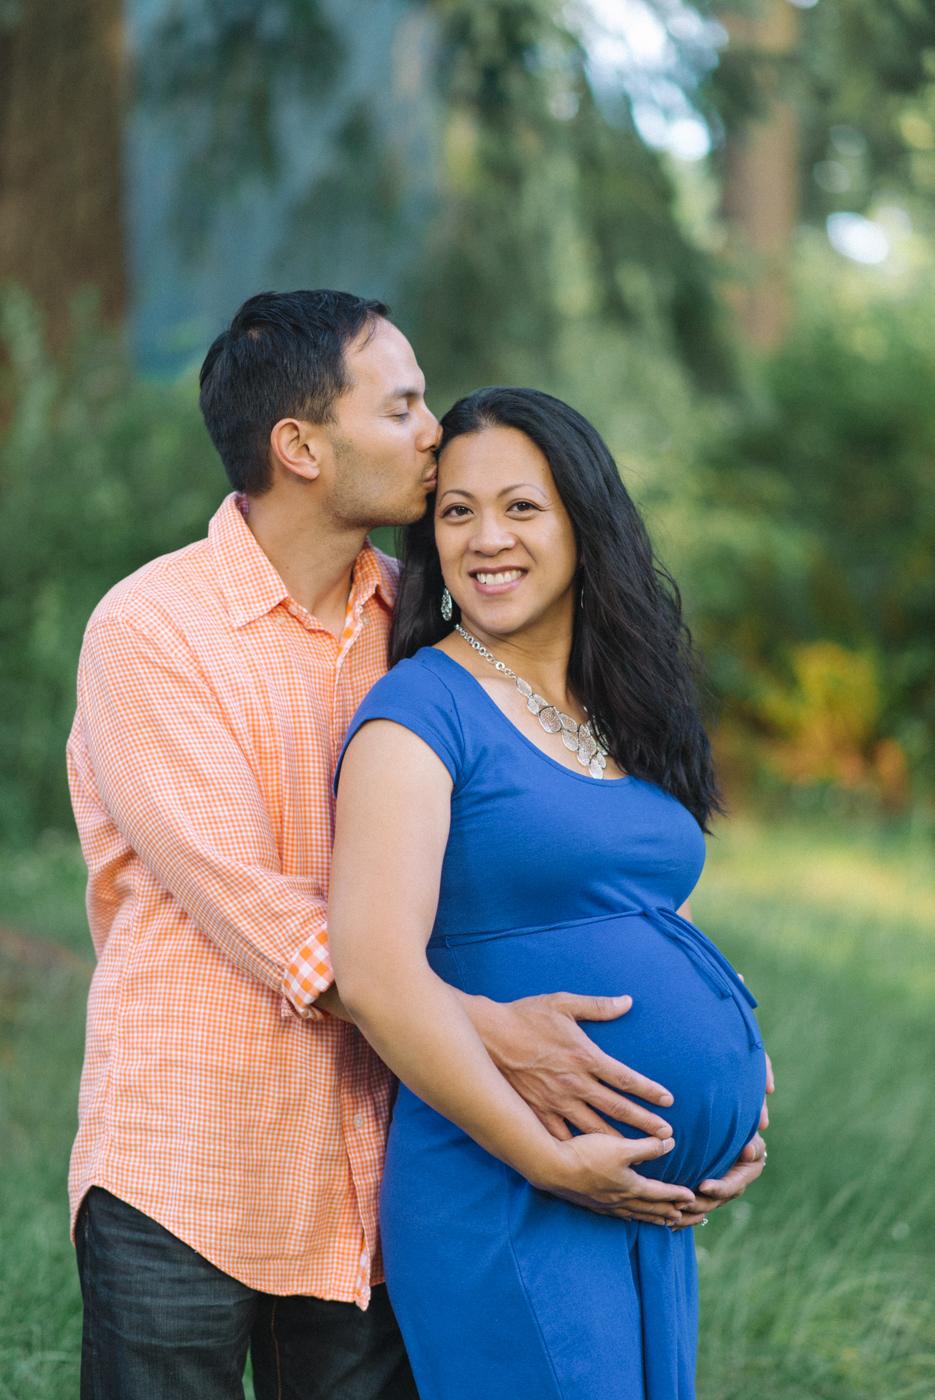 Portland-oregon-maternity-photography-couple-Hoyt-Arboretum-Washington-Park-professional-family-session-photos-natural-woodland-7